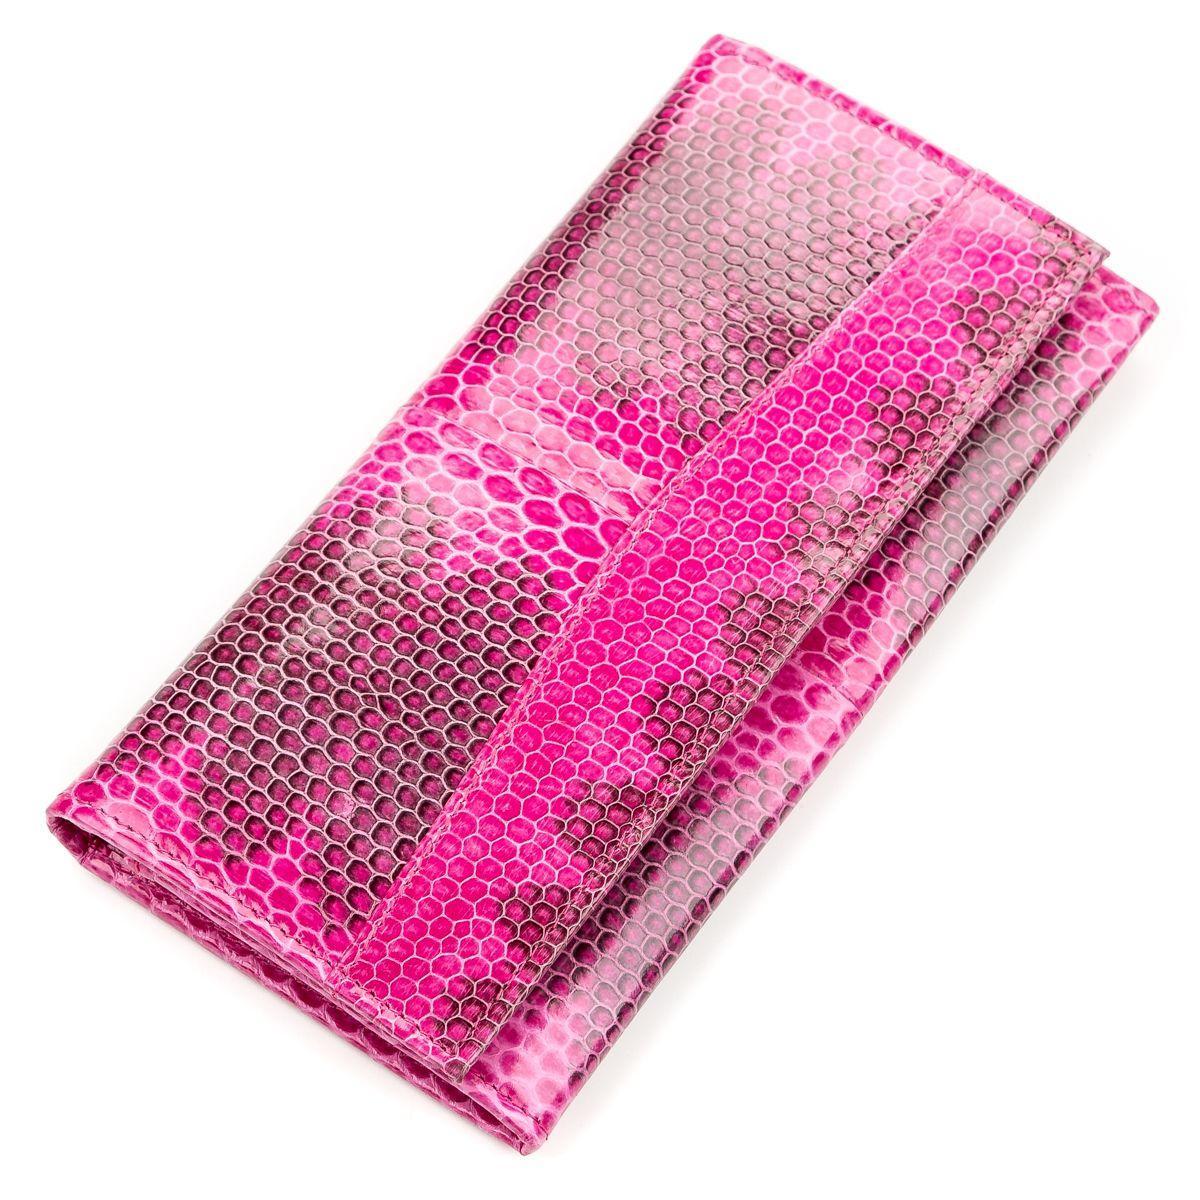 Кошелек Женский Sea Snake Leather 18148 Из Натуральной Кожи Морской Змеи Розовый, Розовый